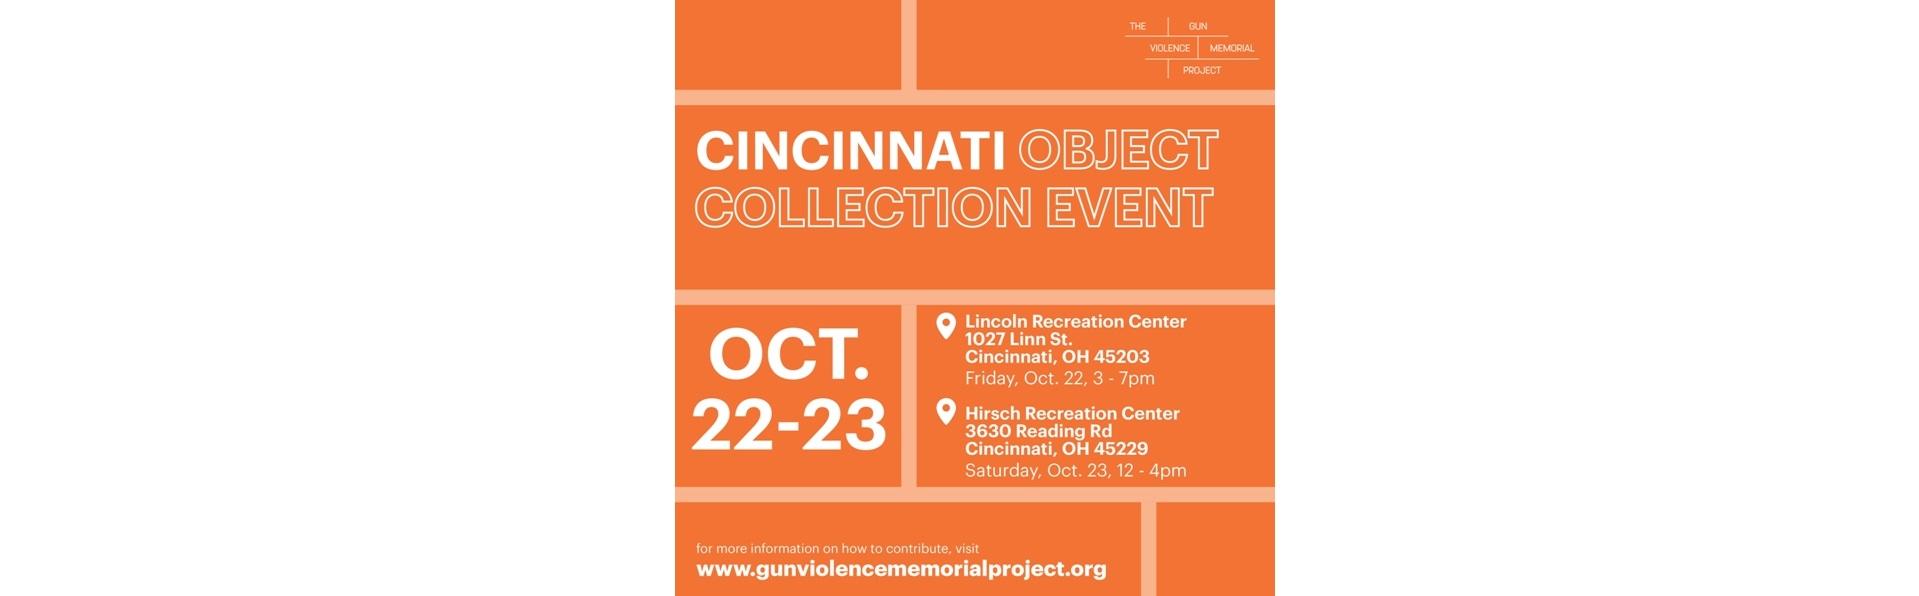 Cincinnati Object Collection Event